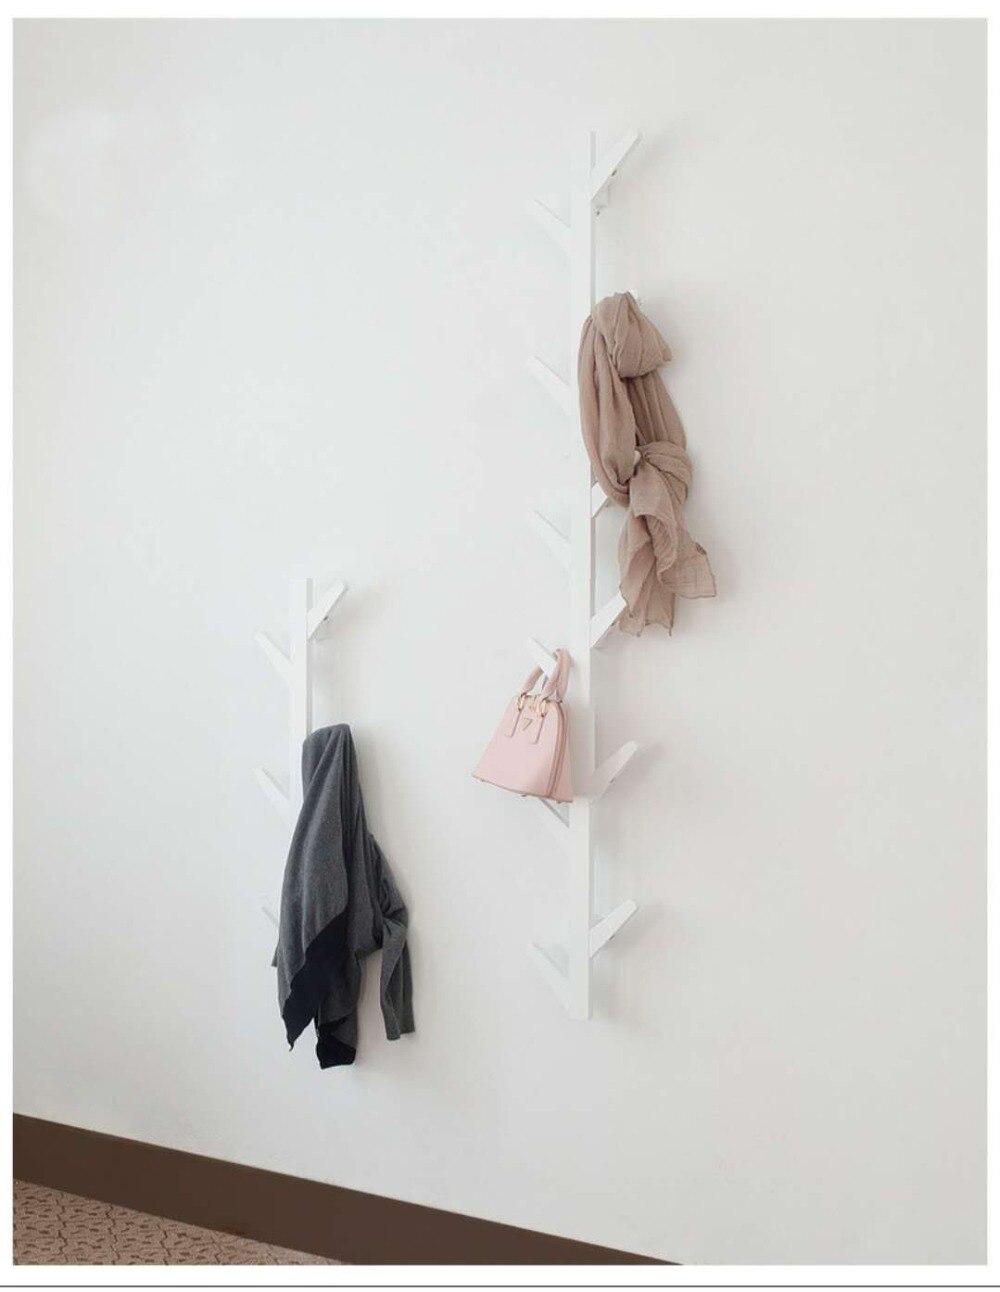 Boomtakken, muur hangers, veranda, decoratie, kleding rek, wanddecoratie. C - 6